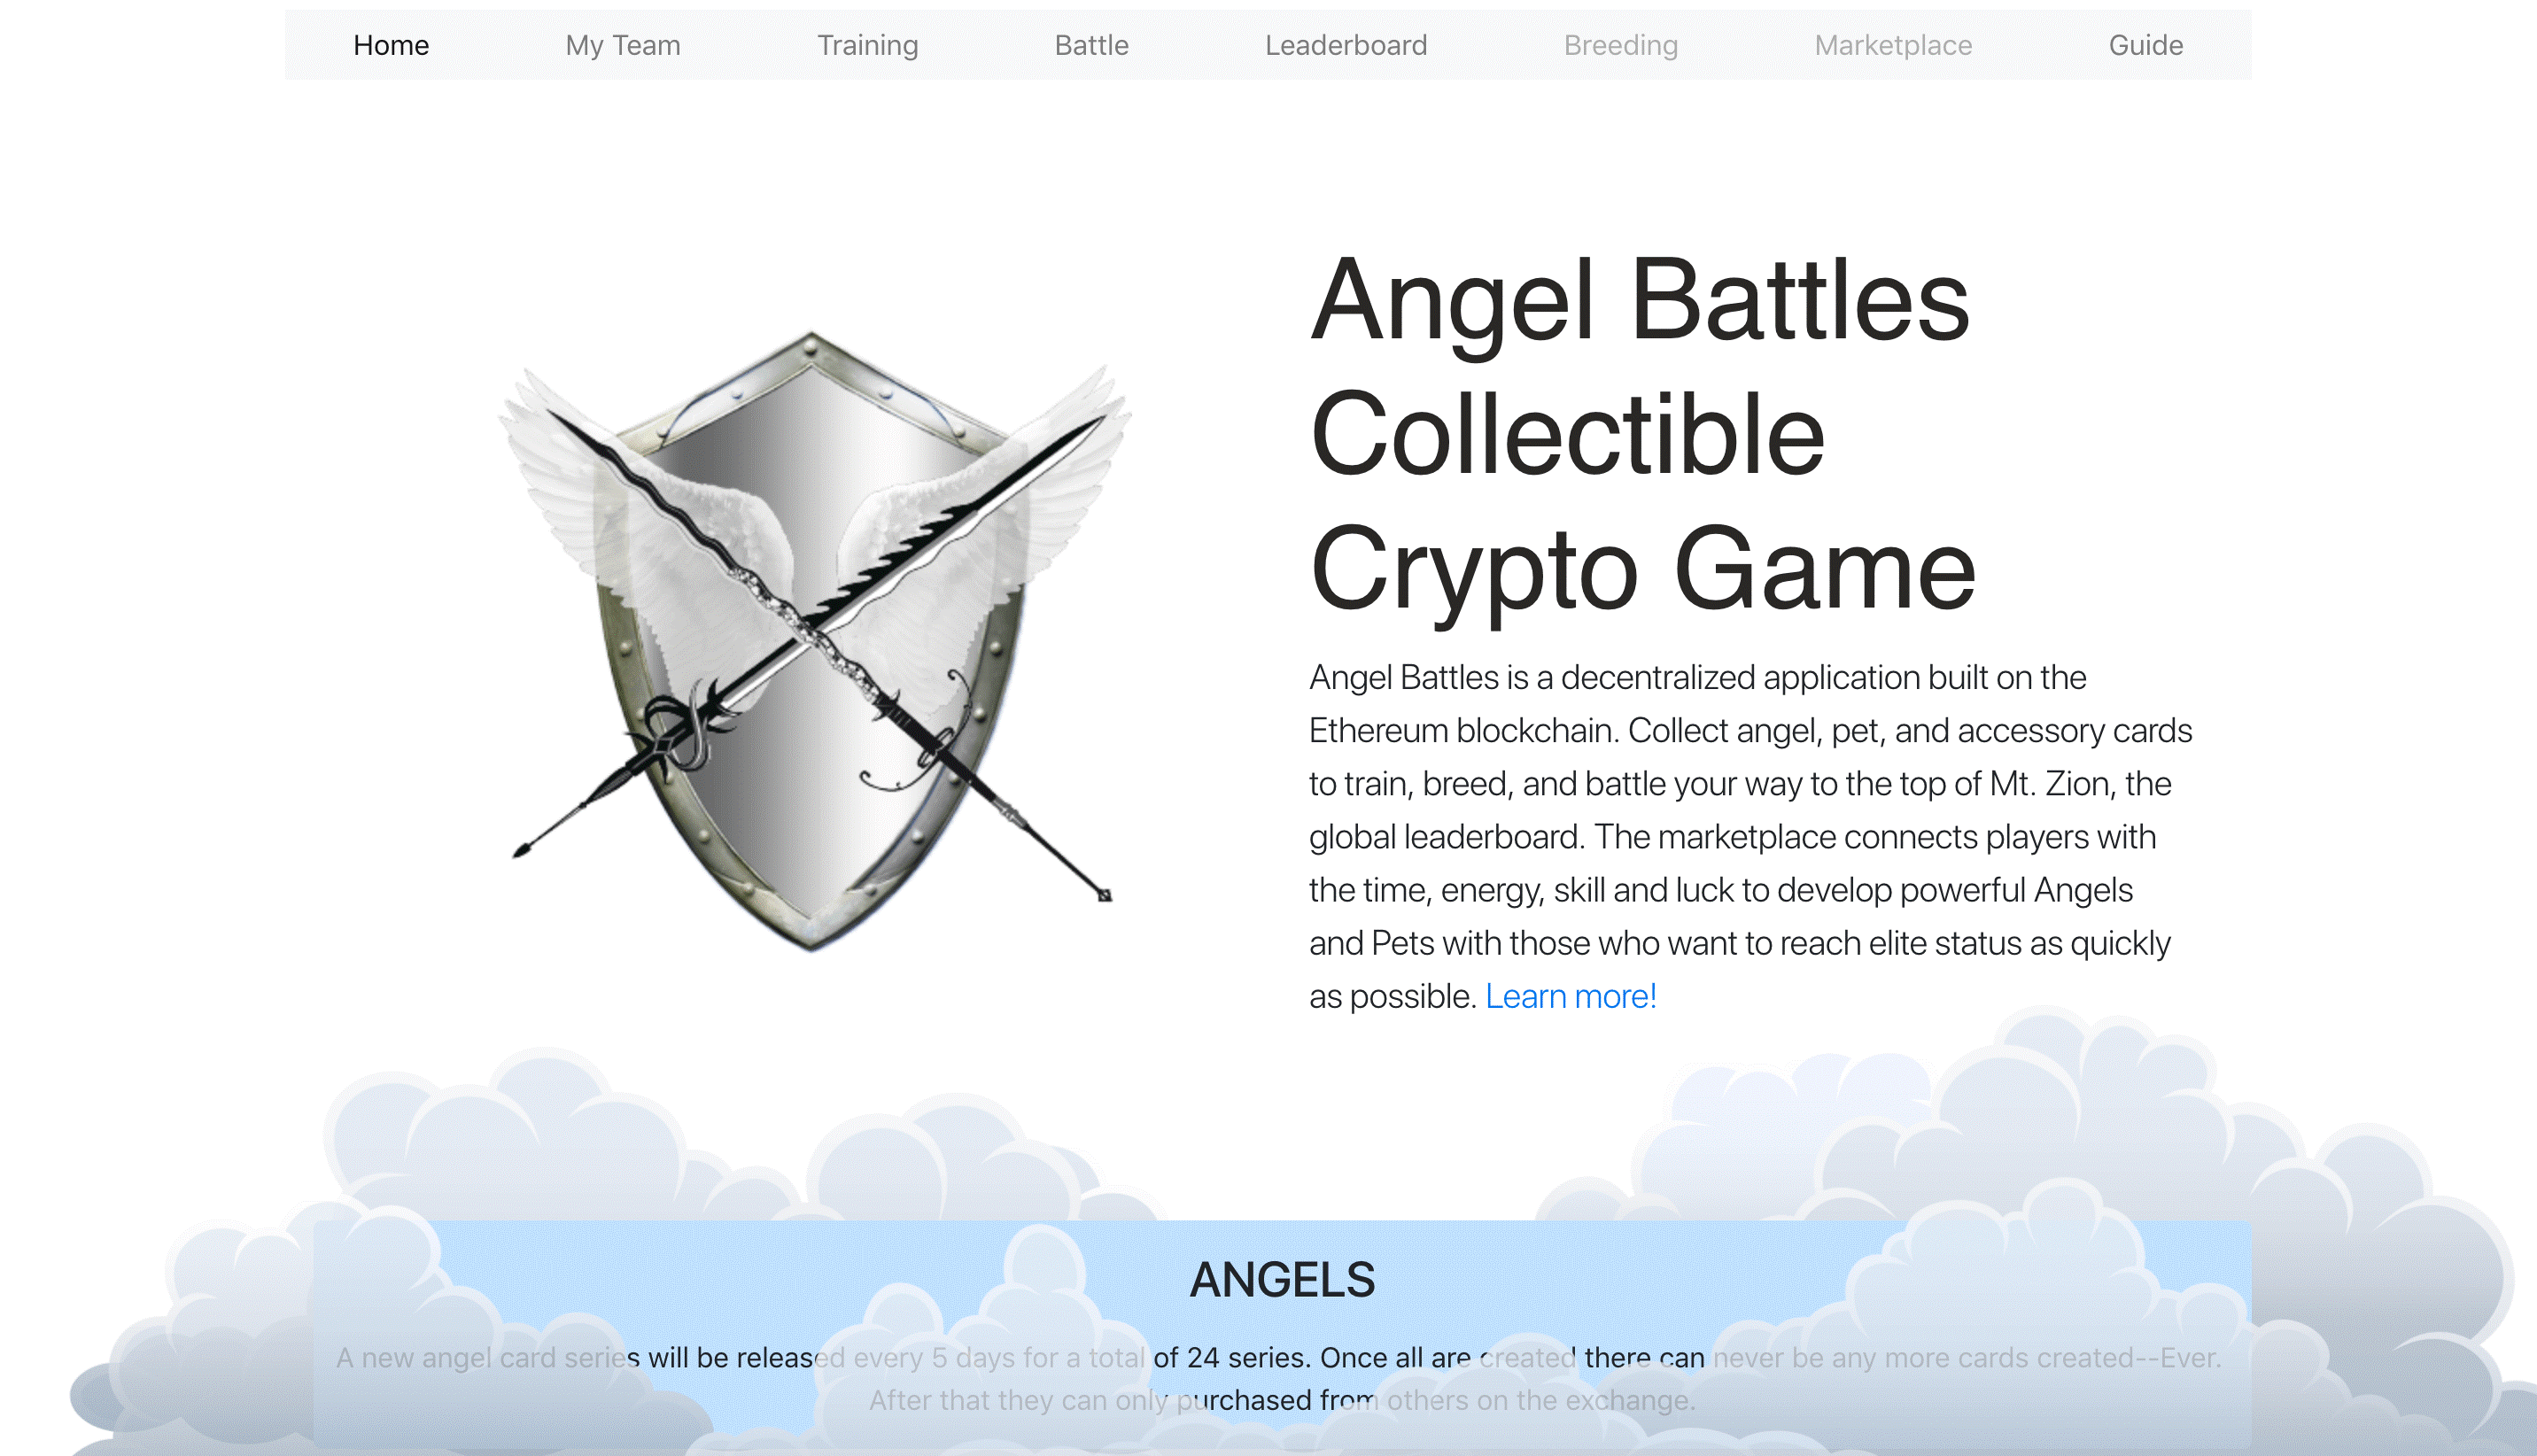 イーサリアムで天使を育成!DApps「Angel Battles(エンジェルバトルズ)」の特徴と遊び方は?